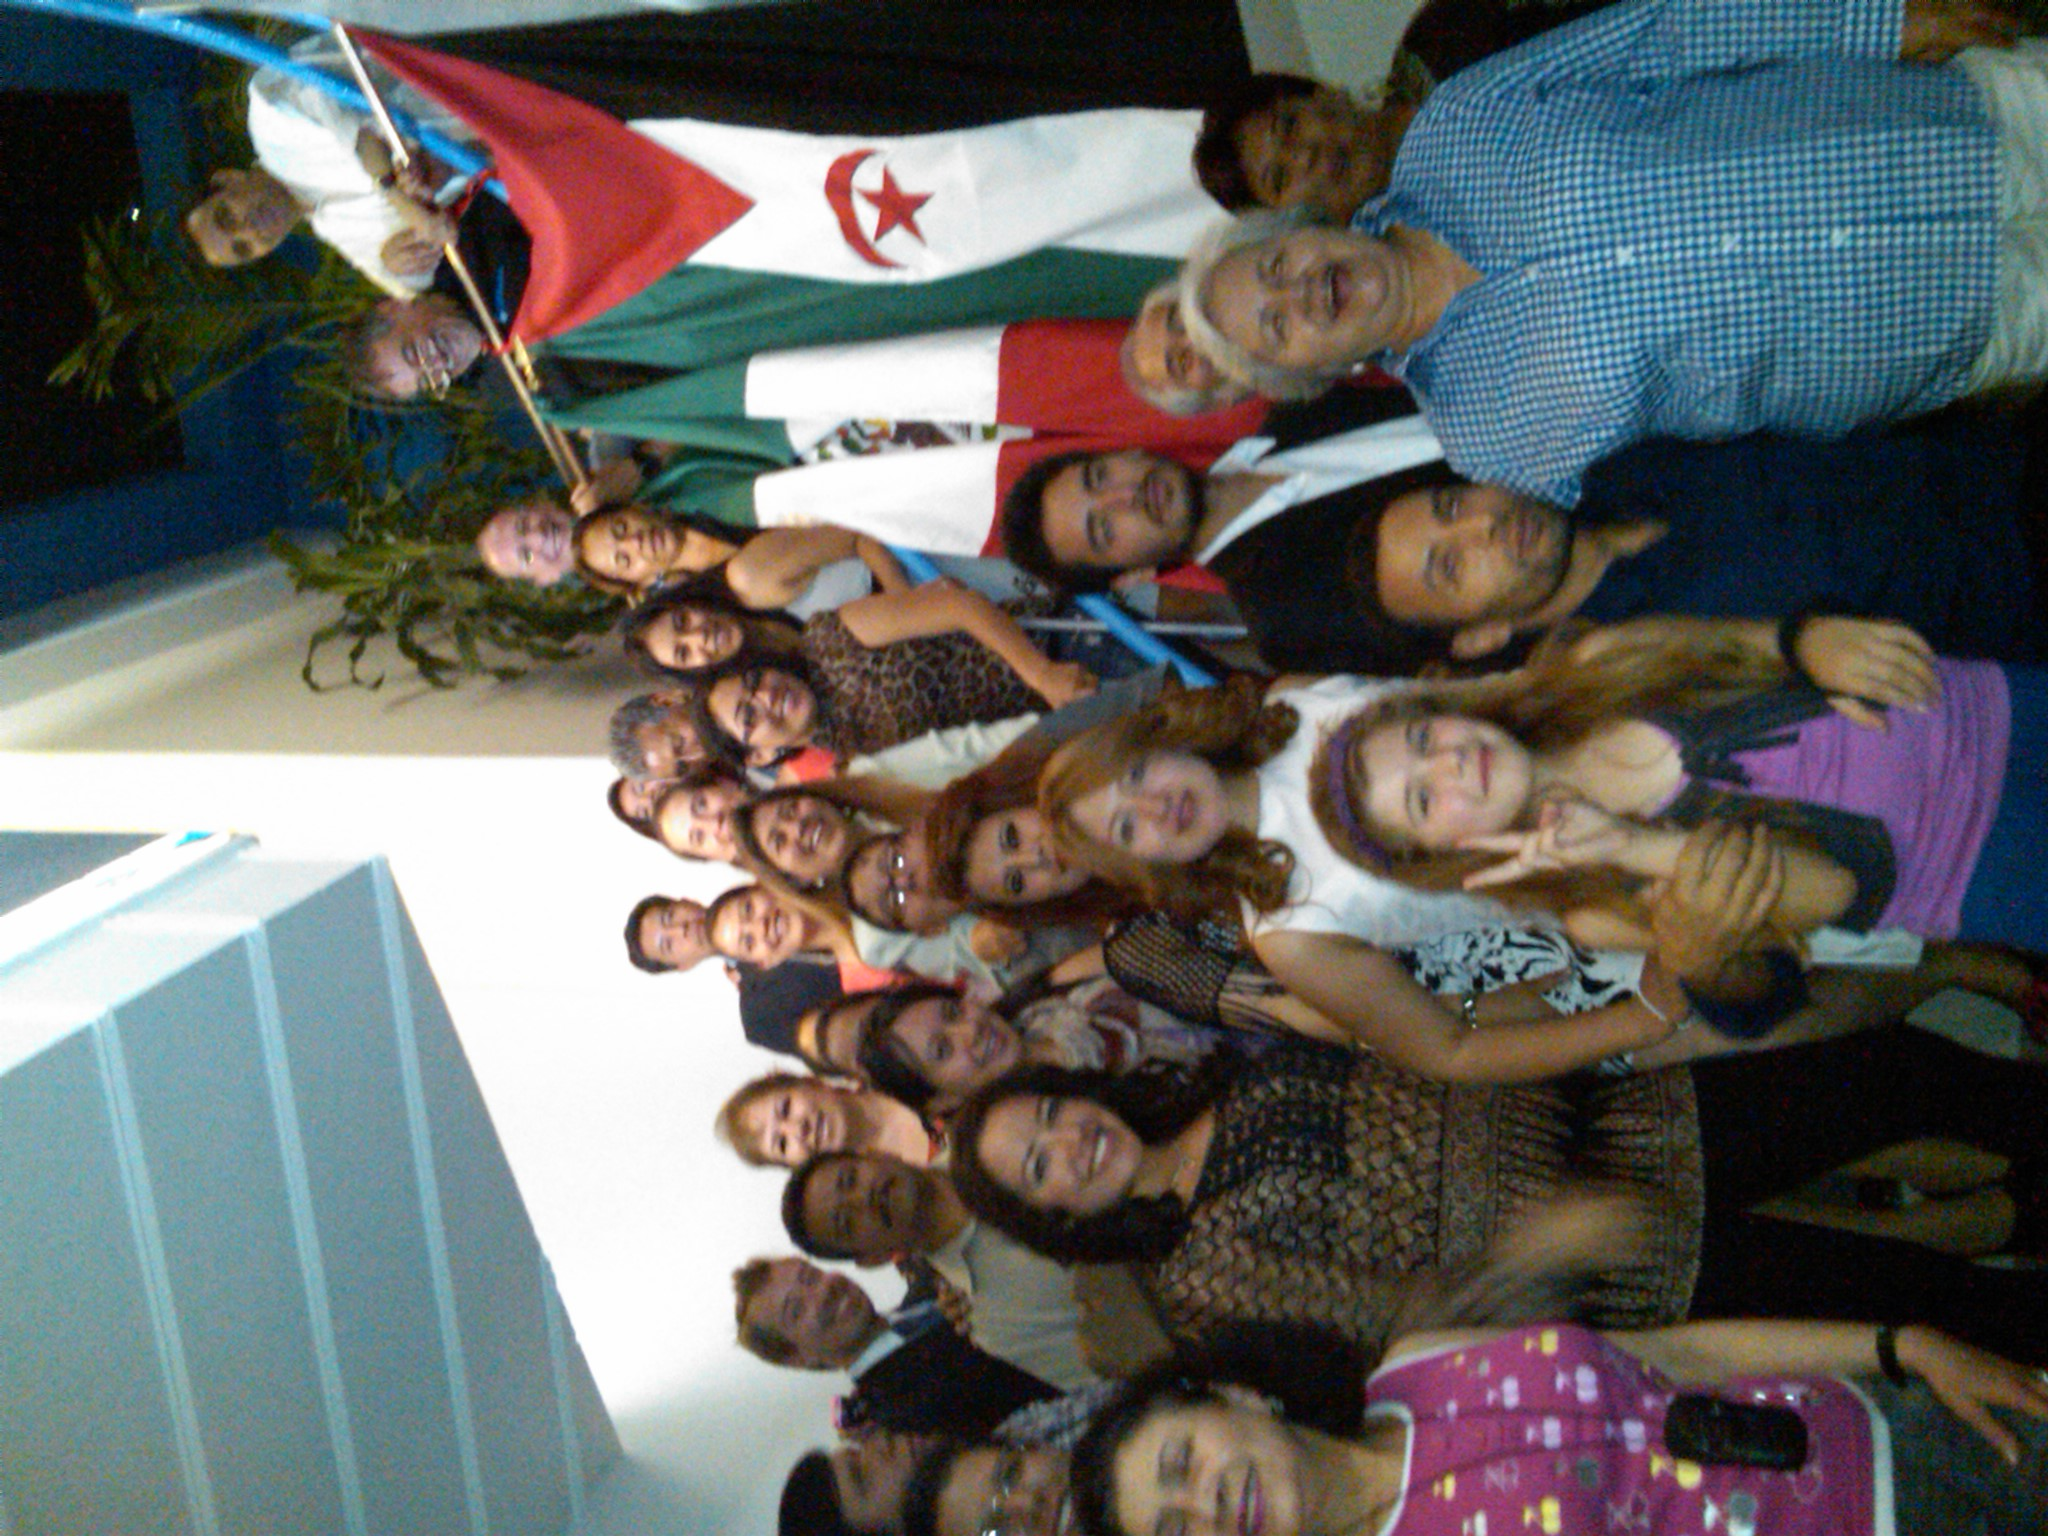 Educación_intercultural,_grupo_de_amistad_de_la_República_Árabe_Saharaui_Democrática_3